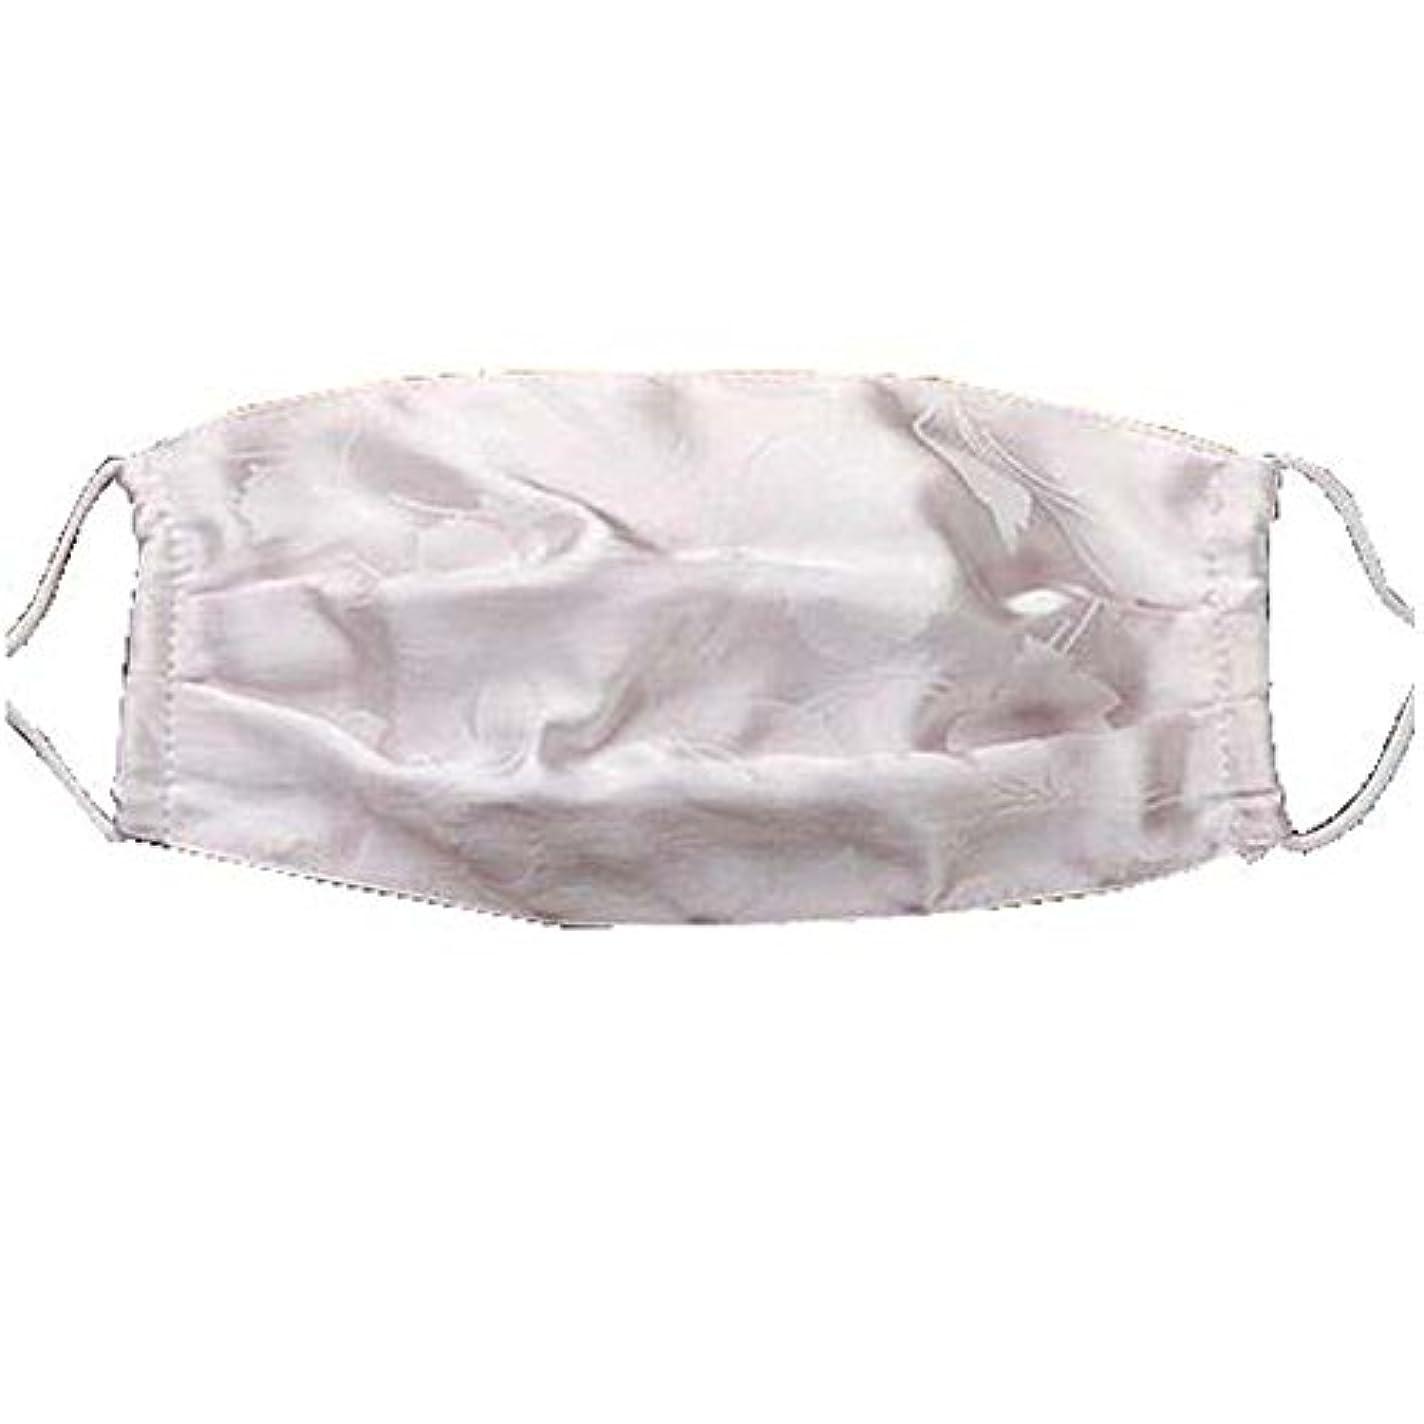 破滅鎮痛剤判決口腔マスクダストマスク抗汚染活性炭フィルターインサートシルクマスク